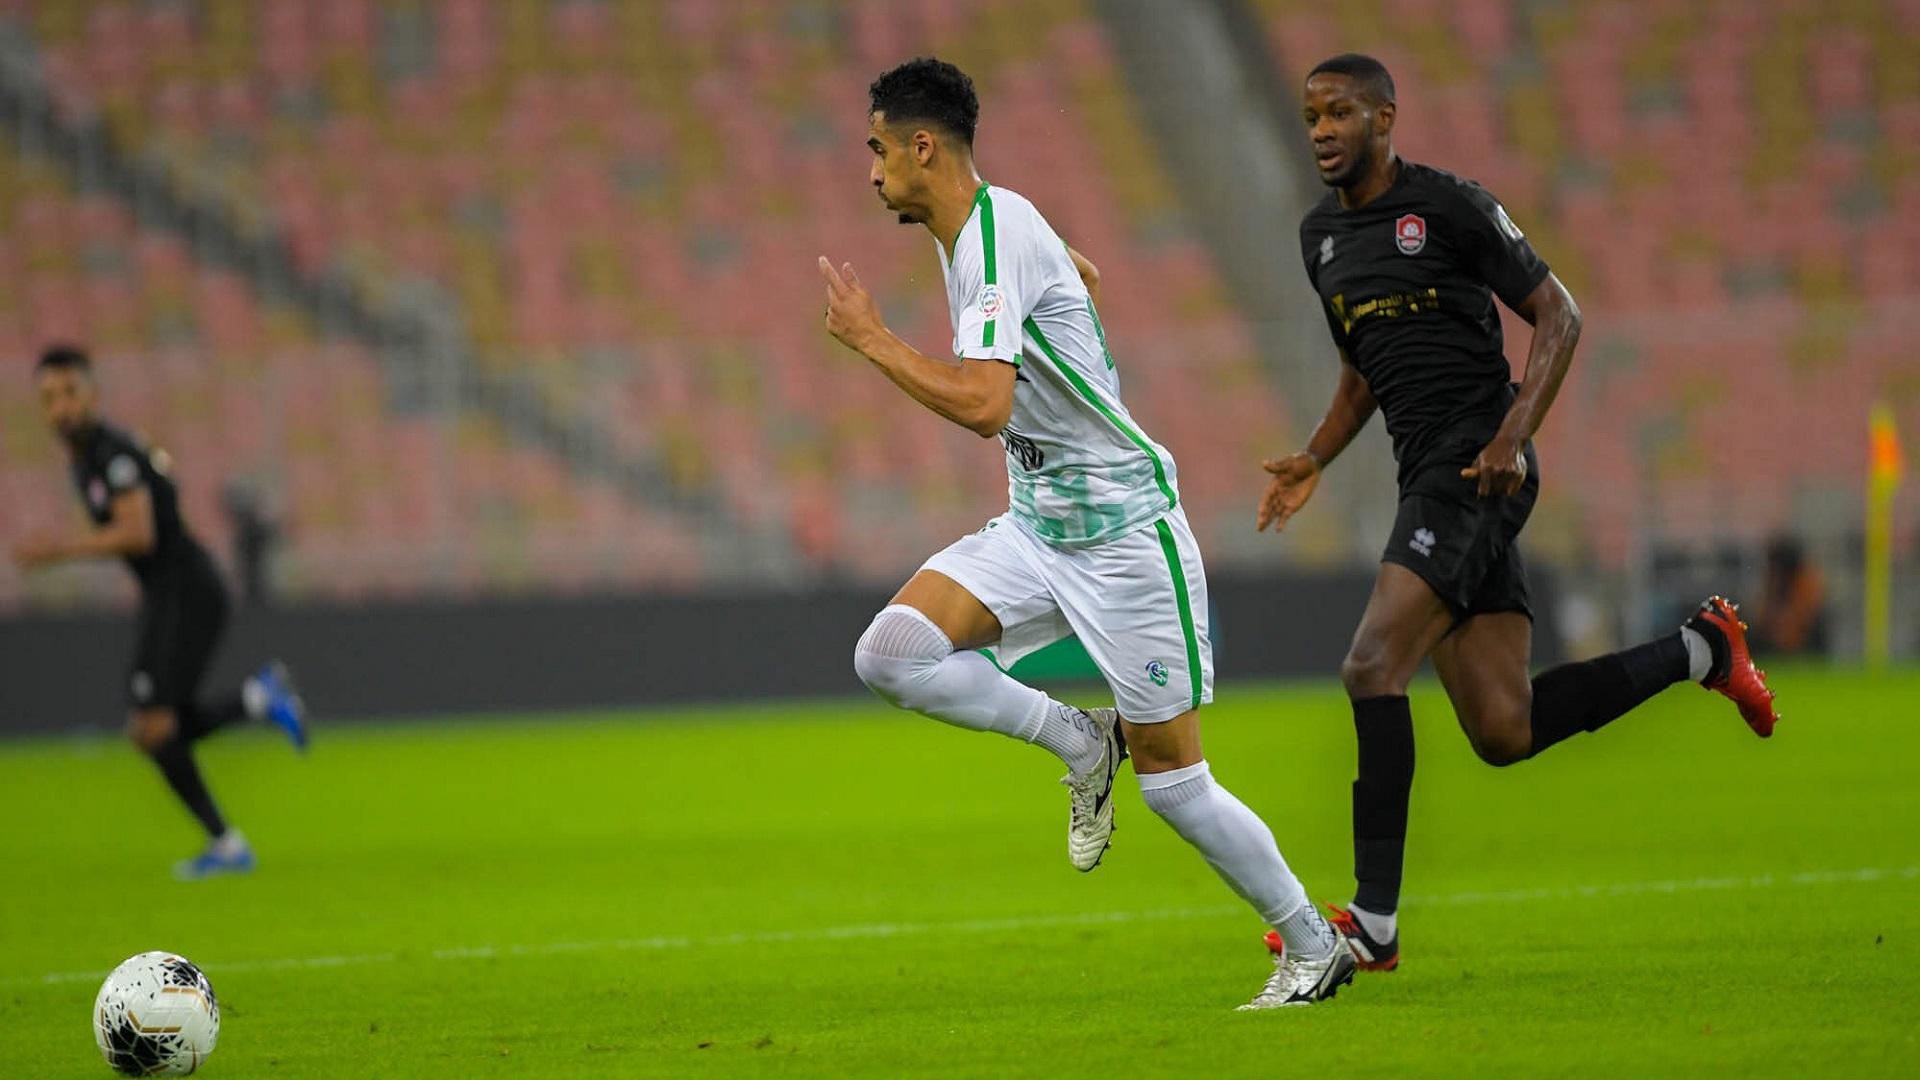 نتيجة مباراة الأهلي والرائد في الدوري السعودي 2020-21